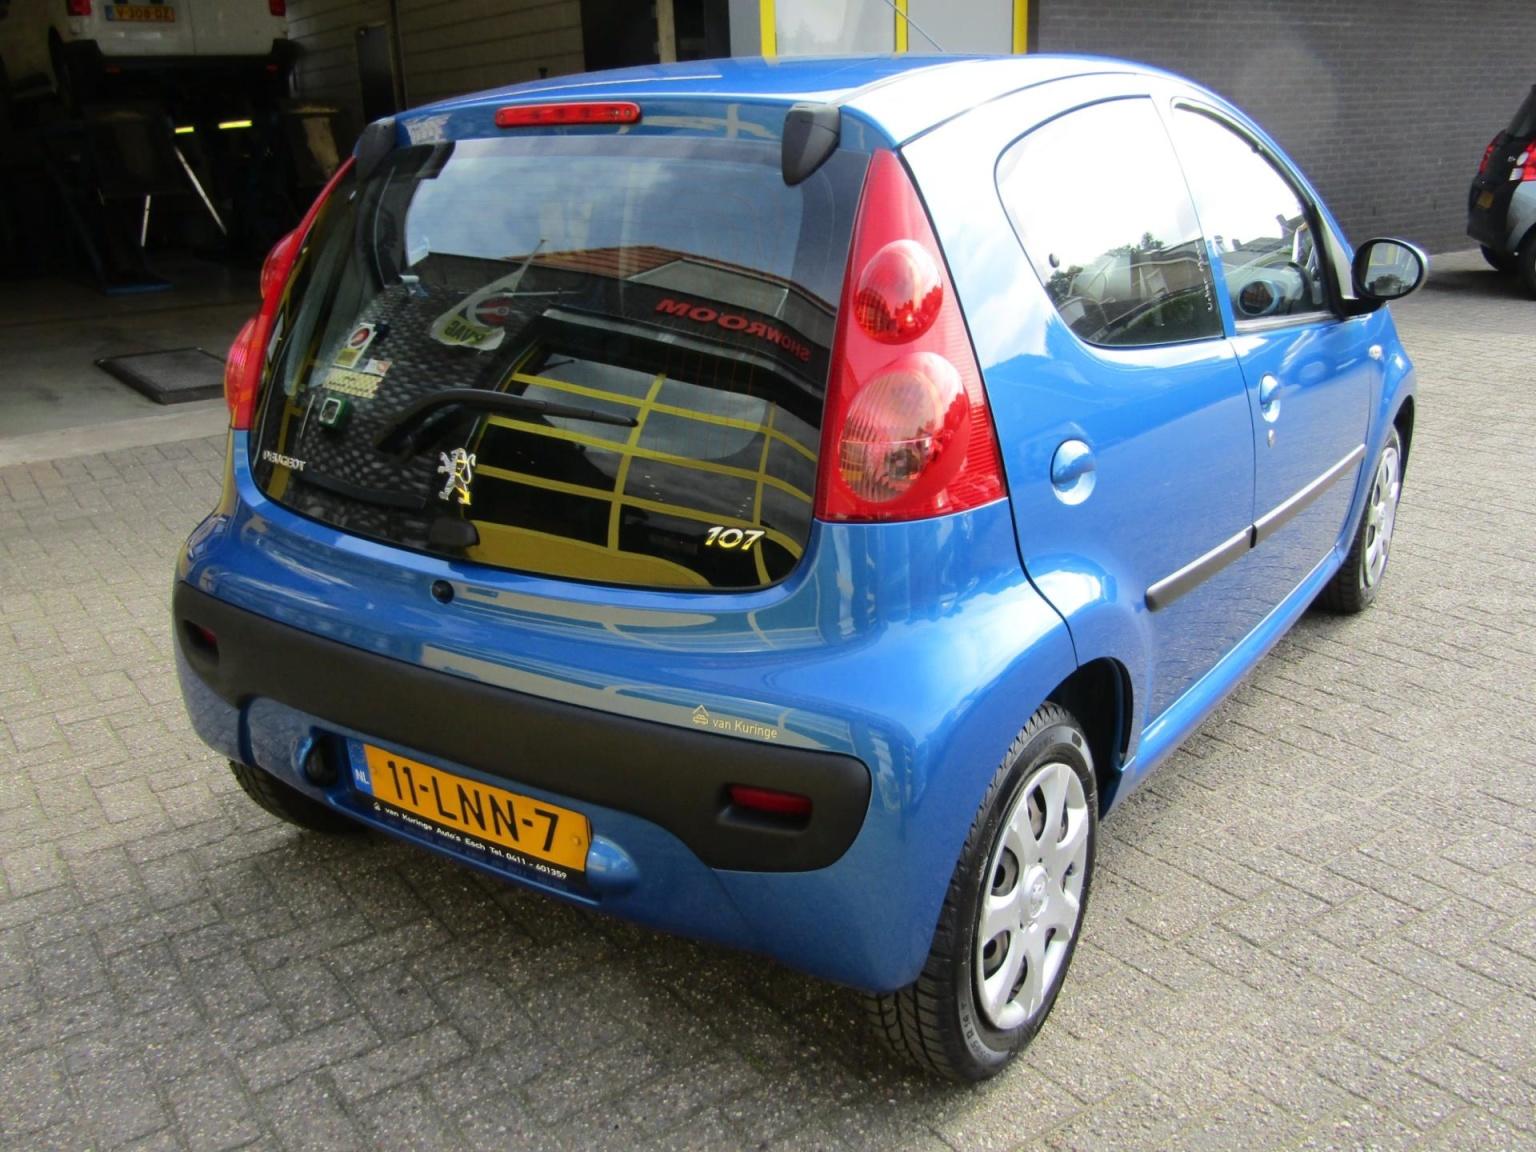 Peugeot-107-2